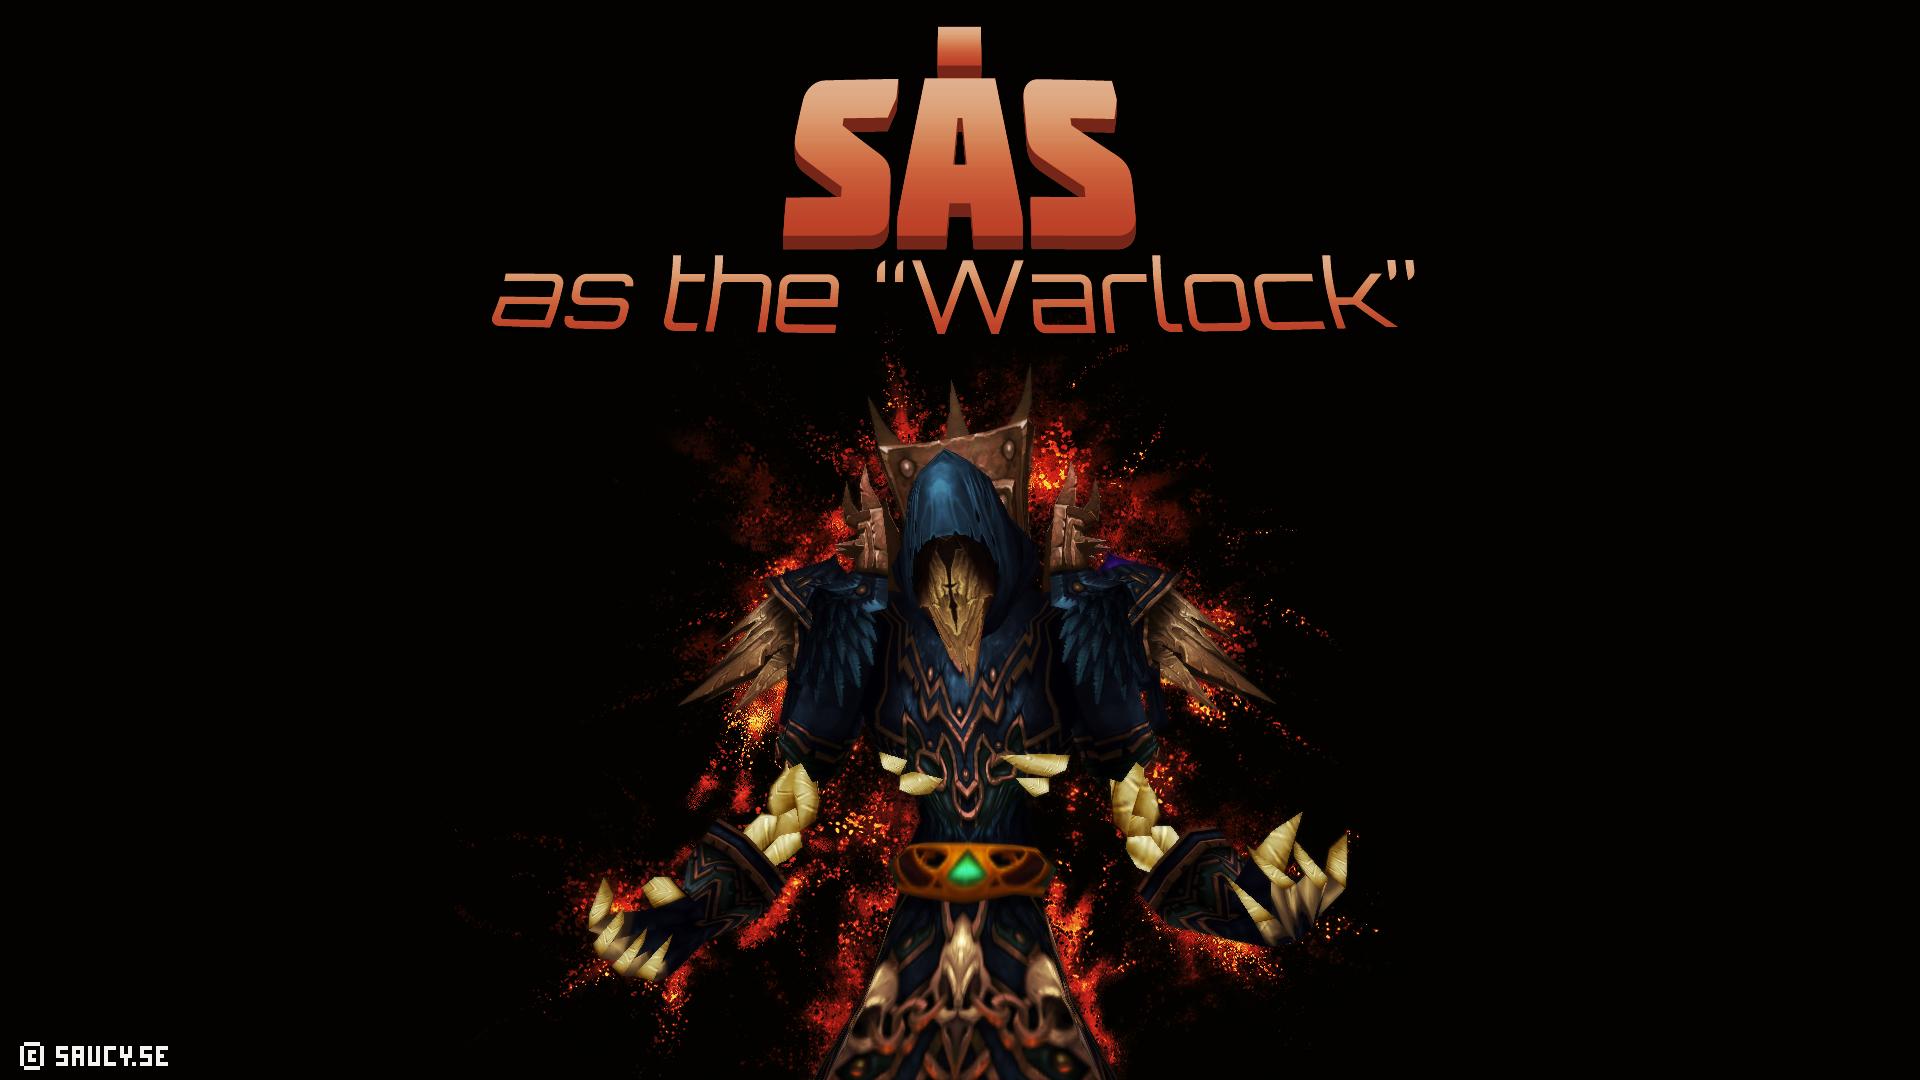 Sas the Warlock by NinjaSaus